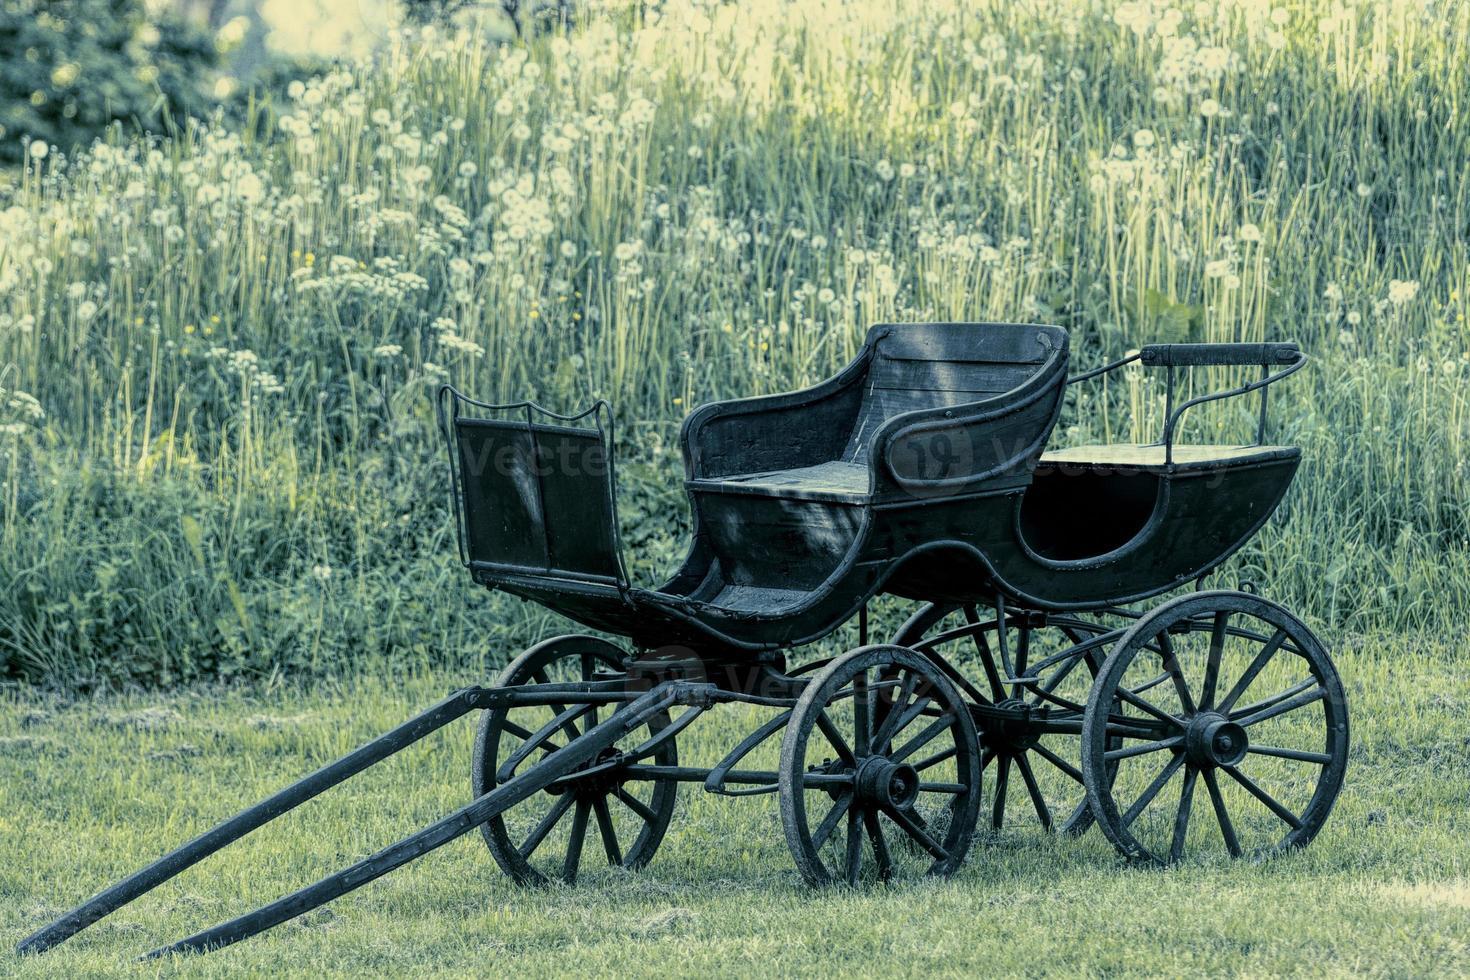 zwarte oude postkoets of paardenkoets foto